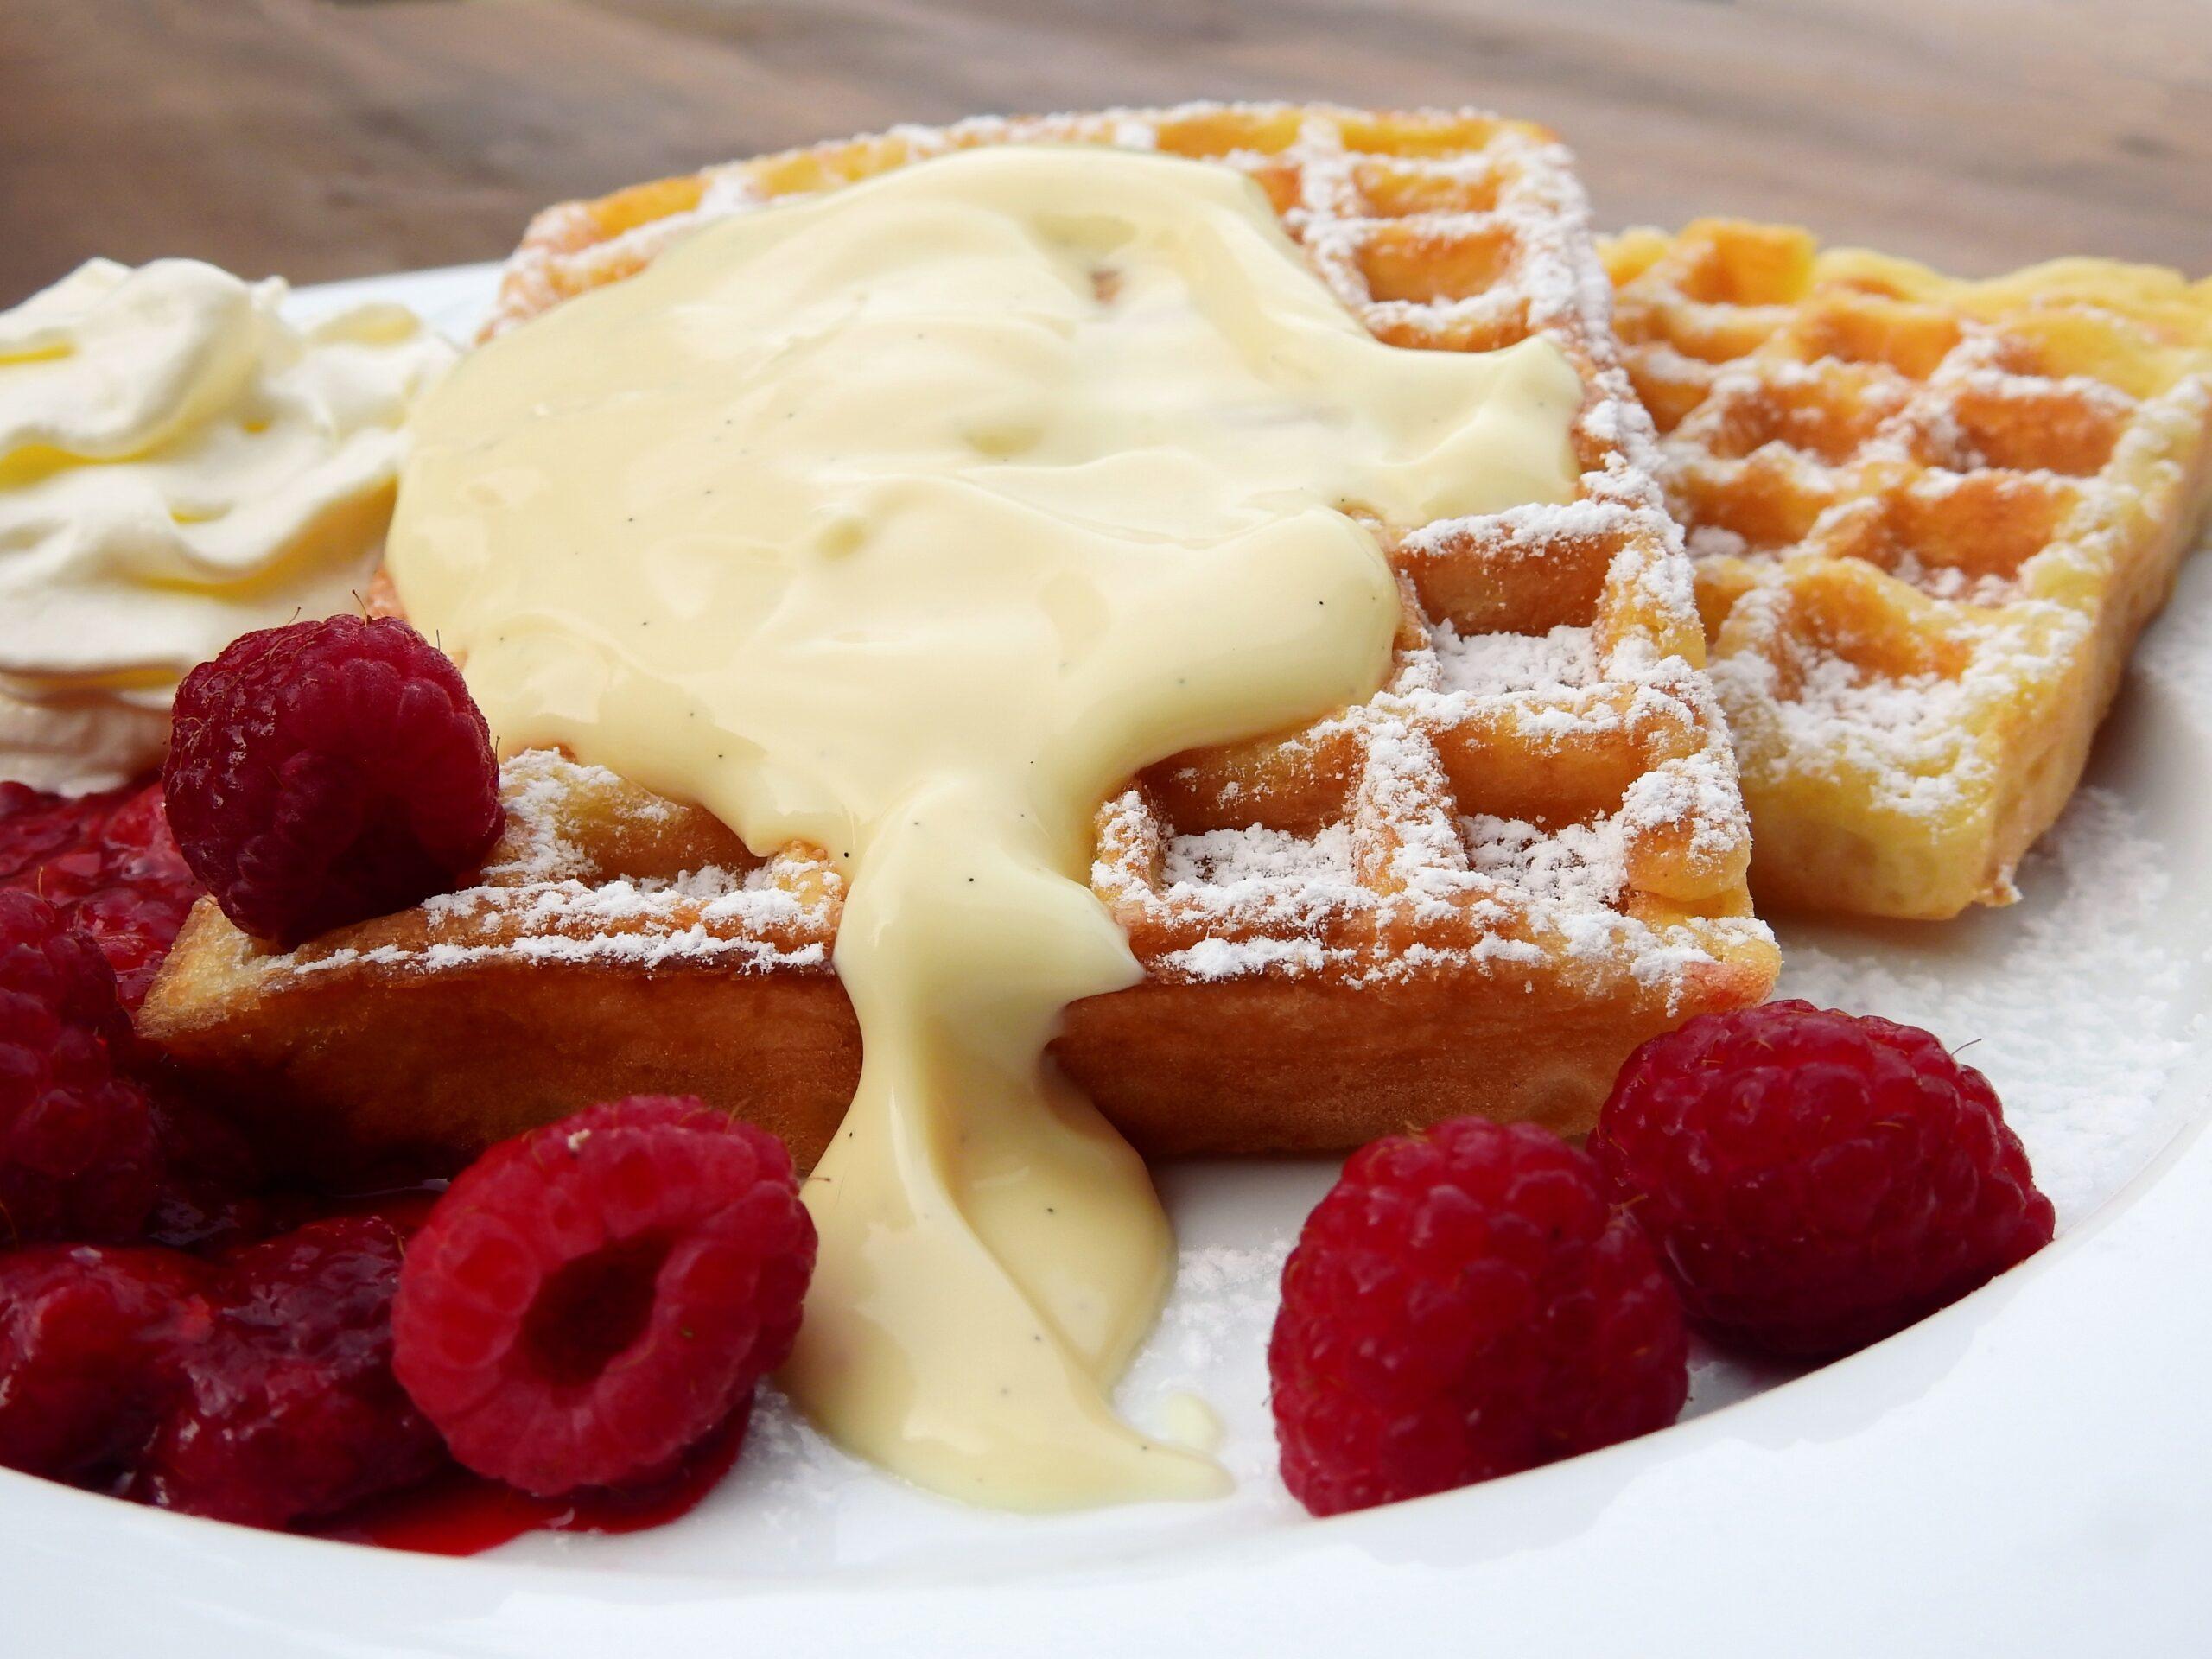 Receta de Waffles caseros en 4 pasos